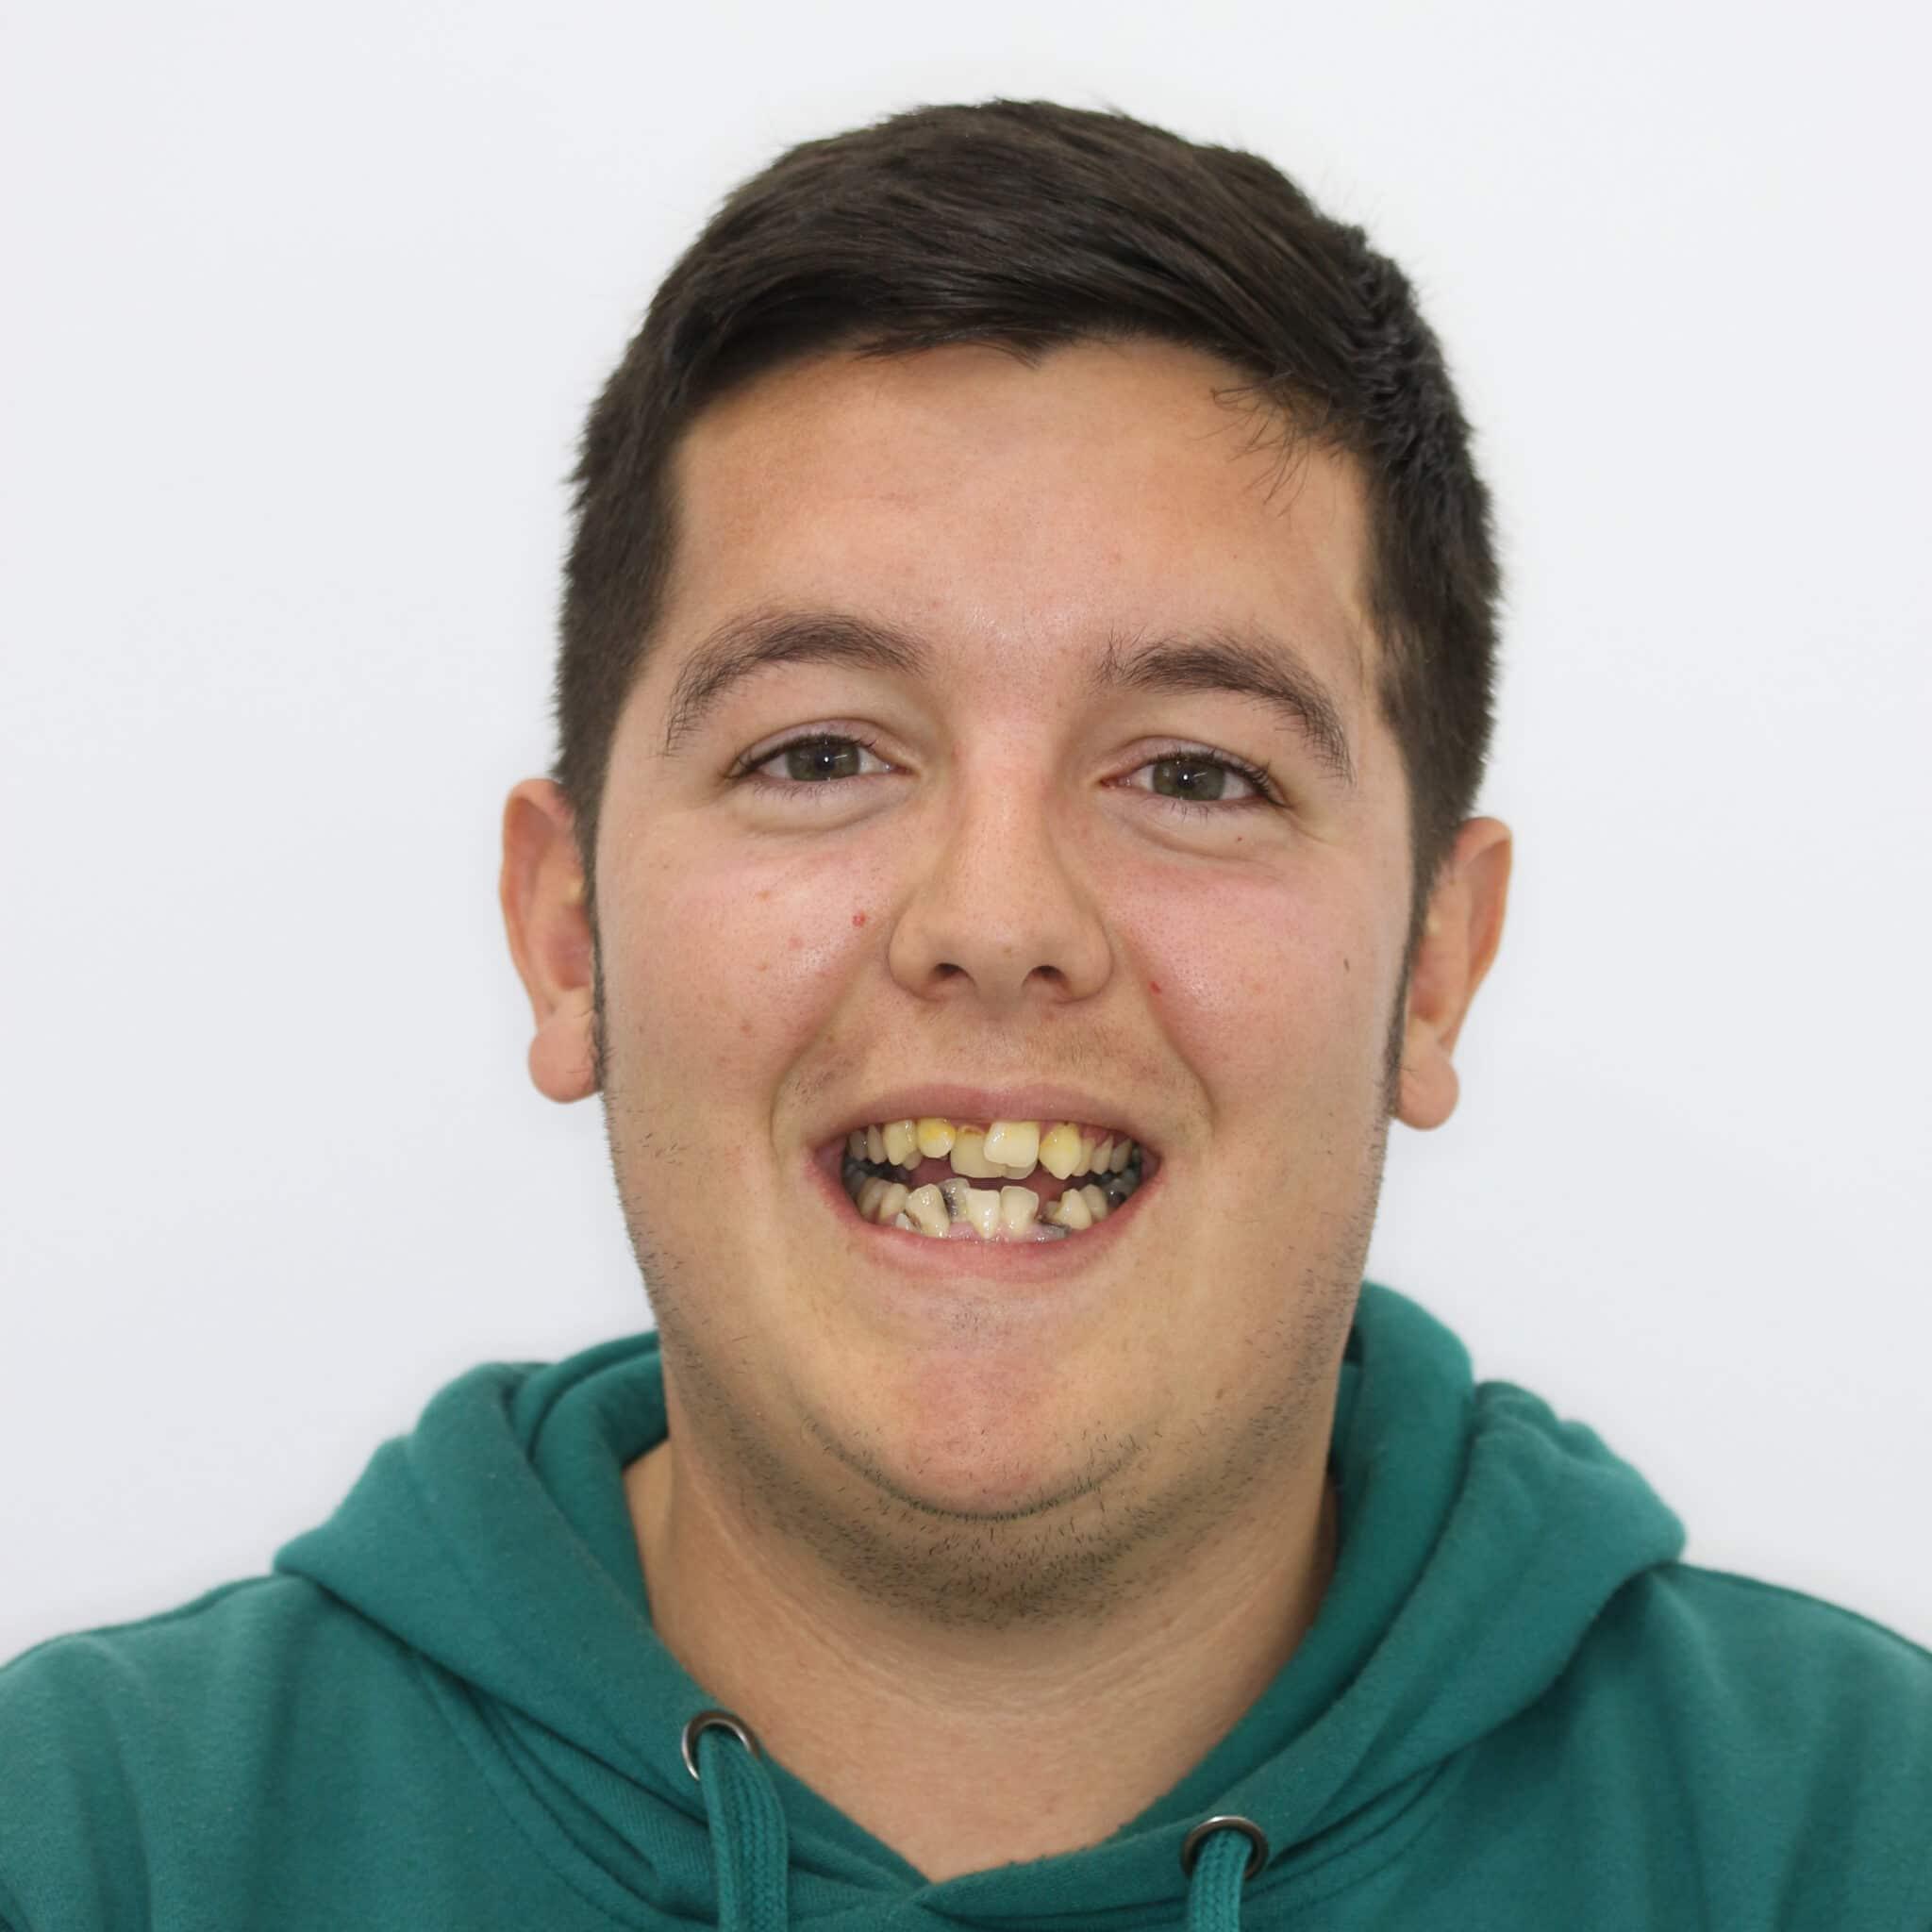 Reconstrucción dental, implantes, ortodoncia y blanqueamiento antes